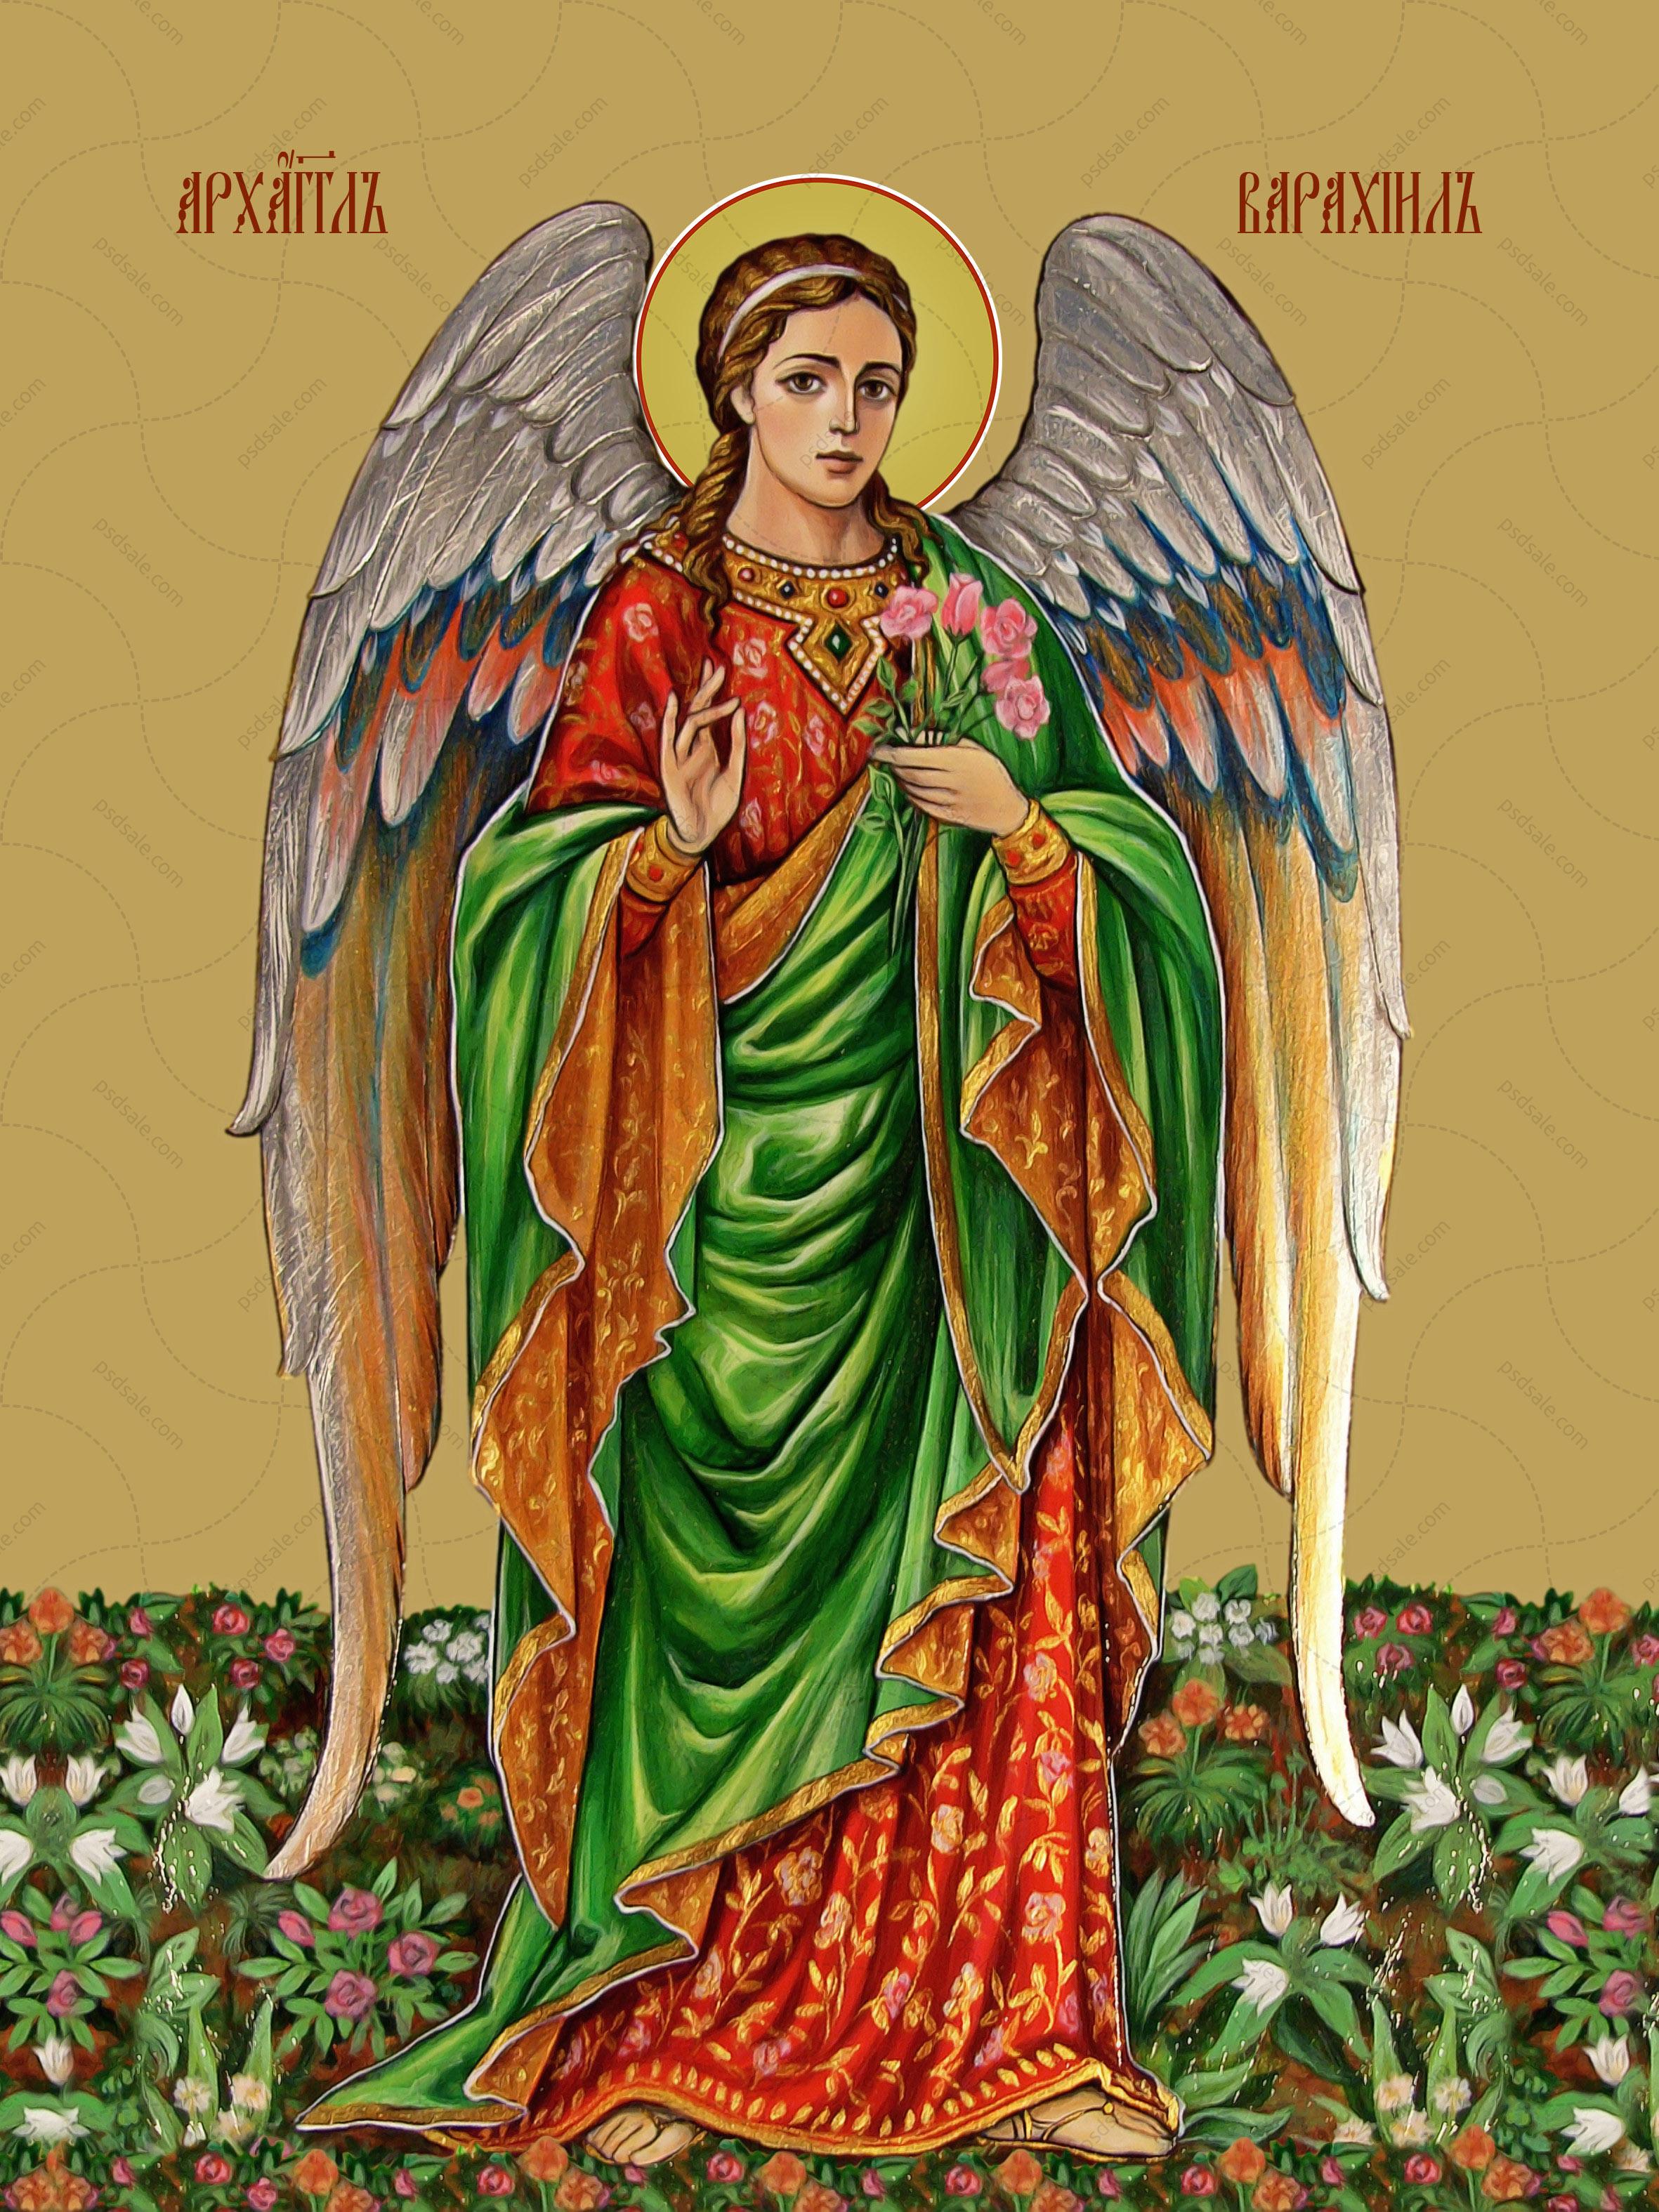 Варахиил, архангел